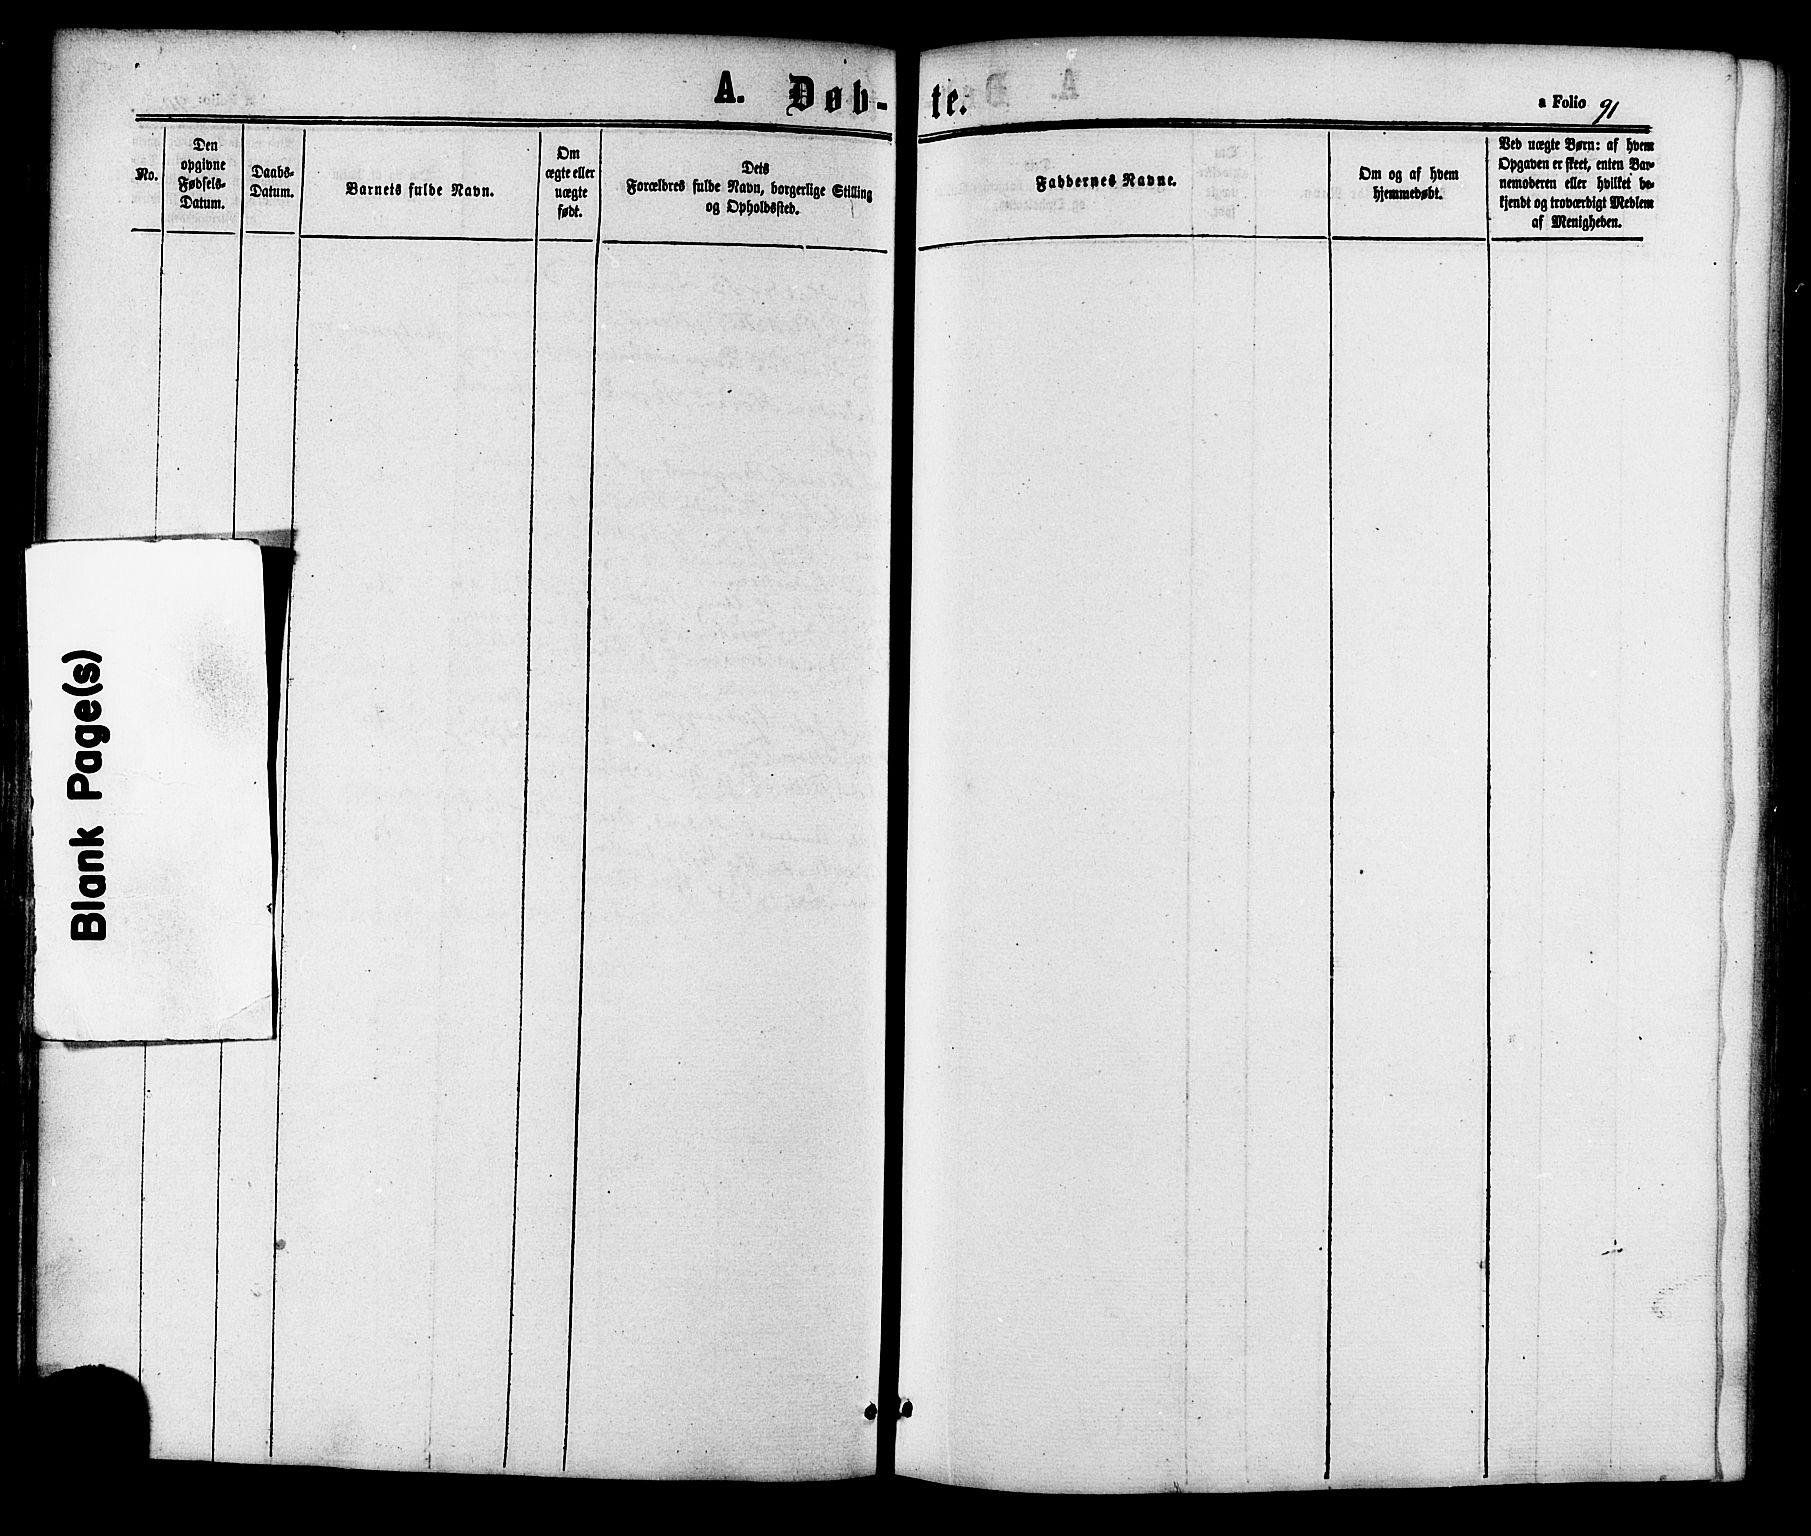 SAT, Ministerialprotokoller, klokkerbøker og fødselsregistre - Sør-Trøndelag, 618/L0443: Ministerialbok nr. 618A06 /2, 1863-1879, s. 91